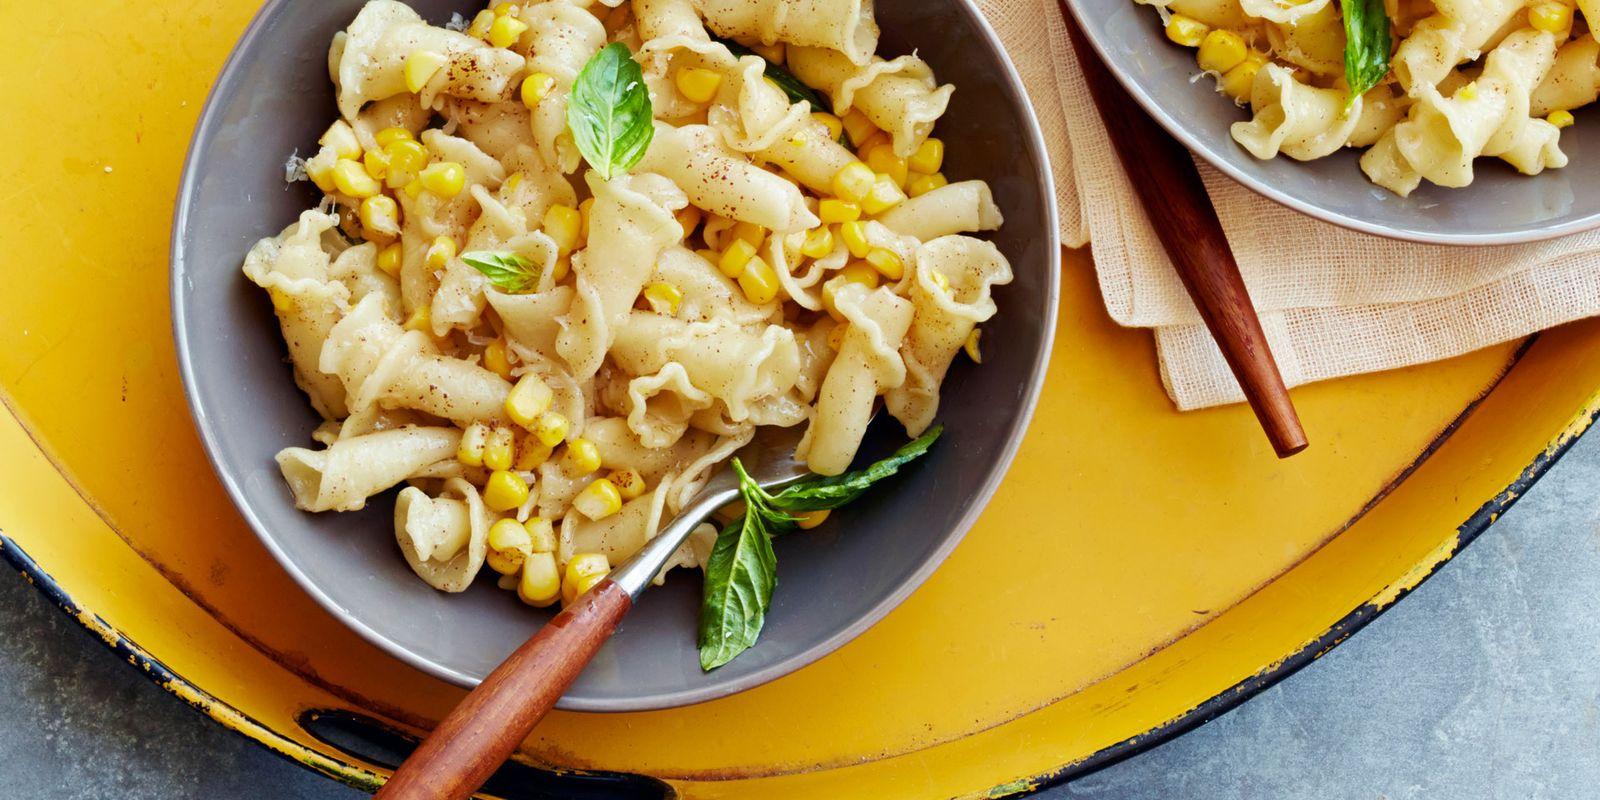 Fresh Vegetarian Dinners - Fresh Vegetable Recipes for Dinner